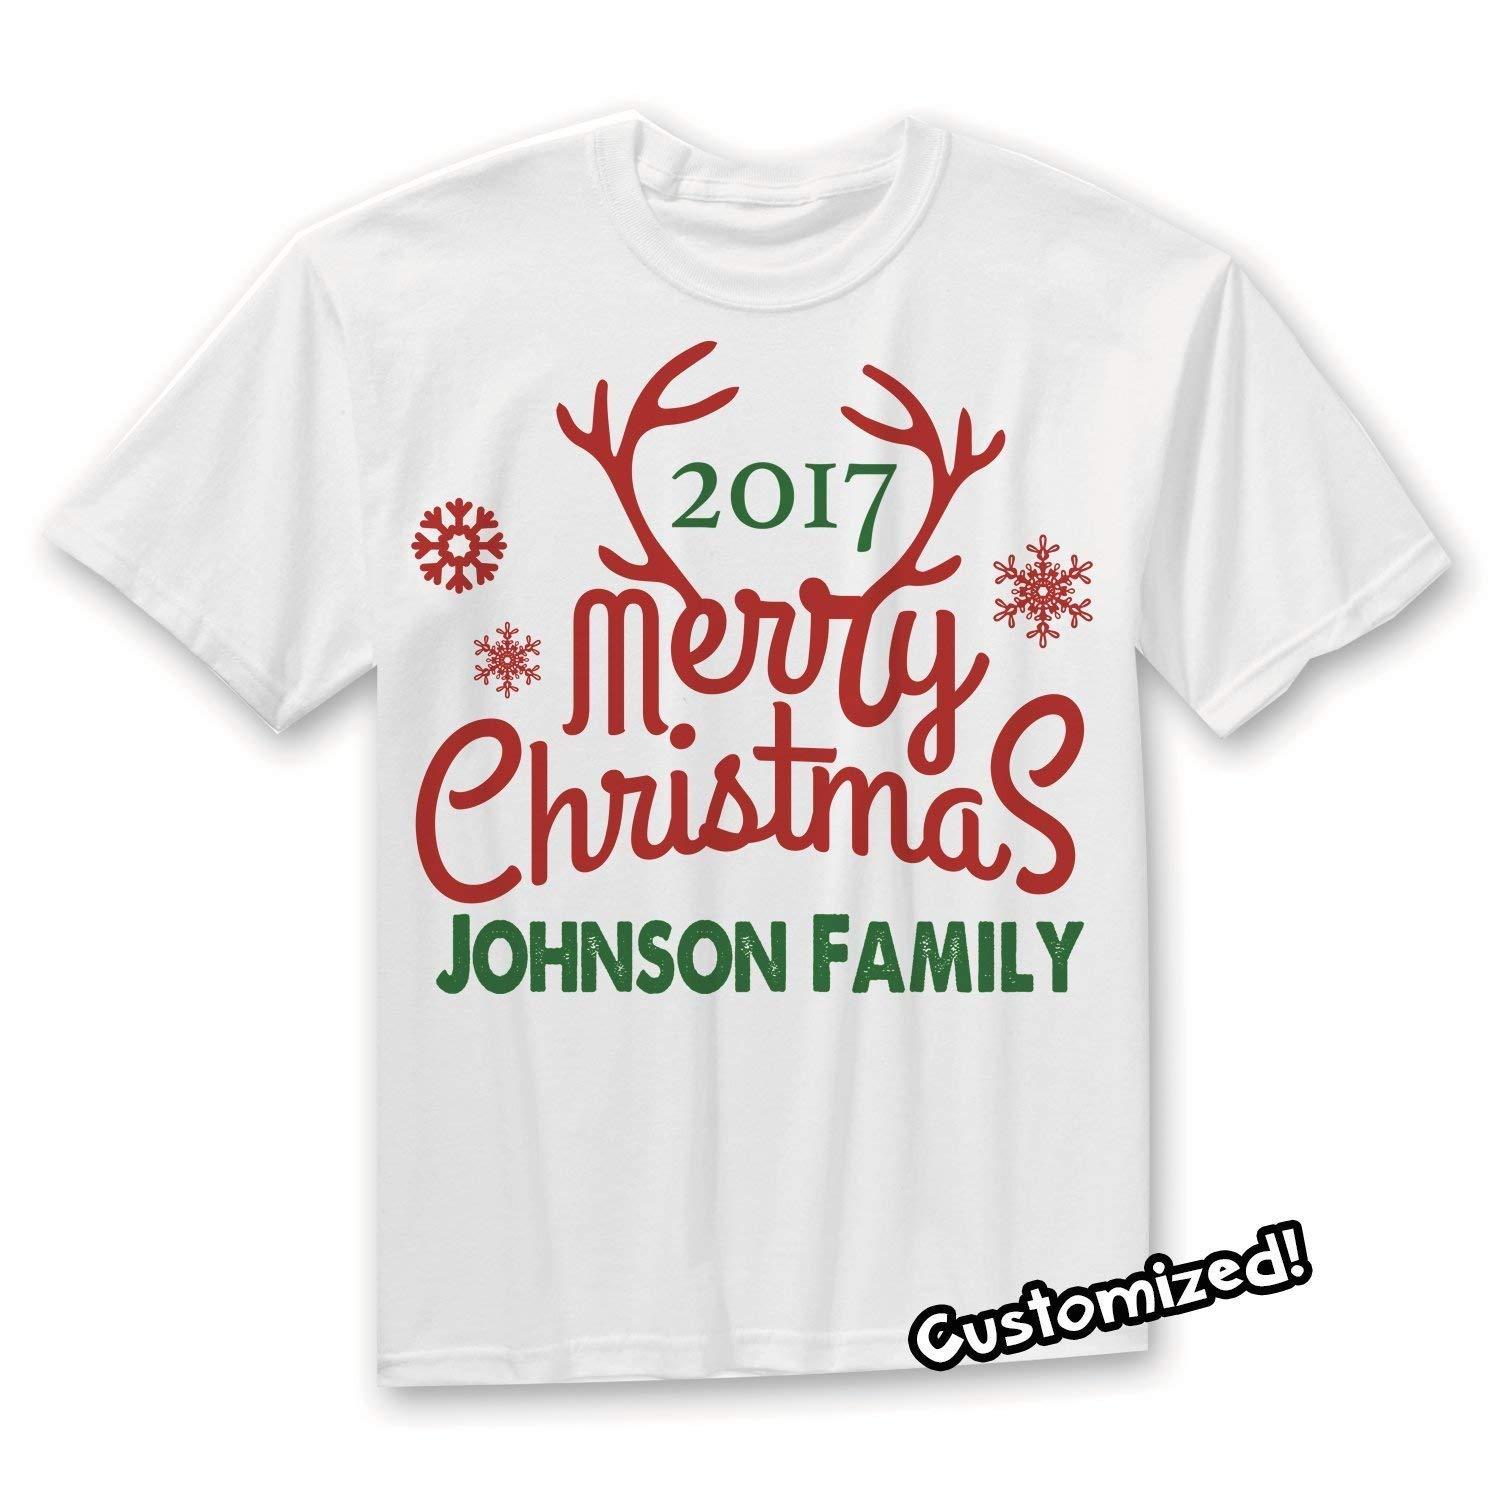 Family Christmas Shirts.Amazon Com Christmas Shirt Family Christmas Shirt